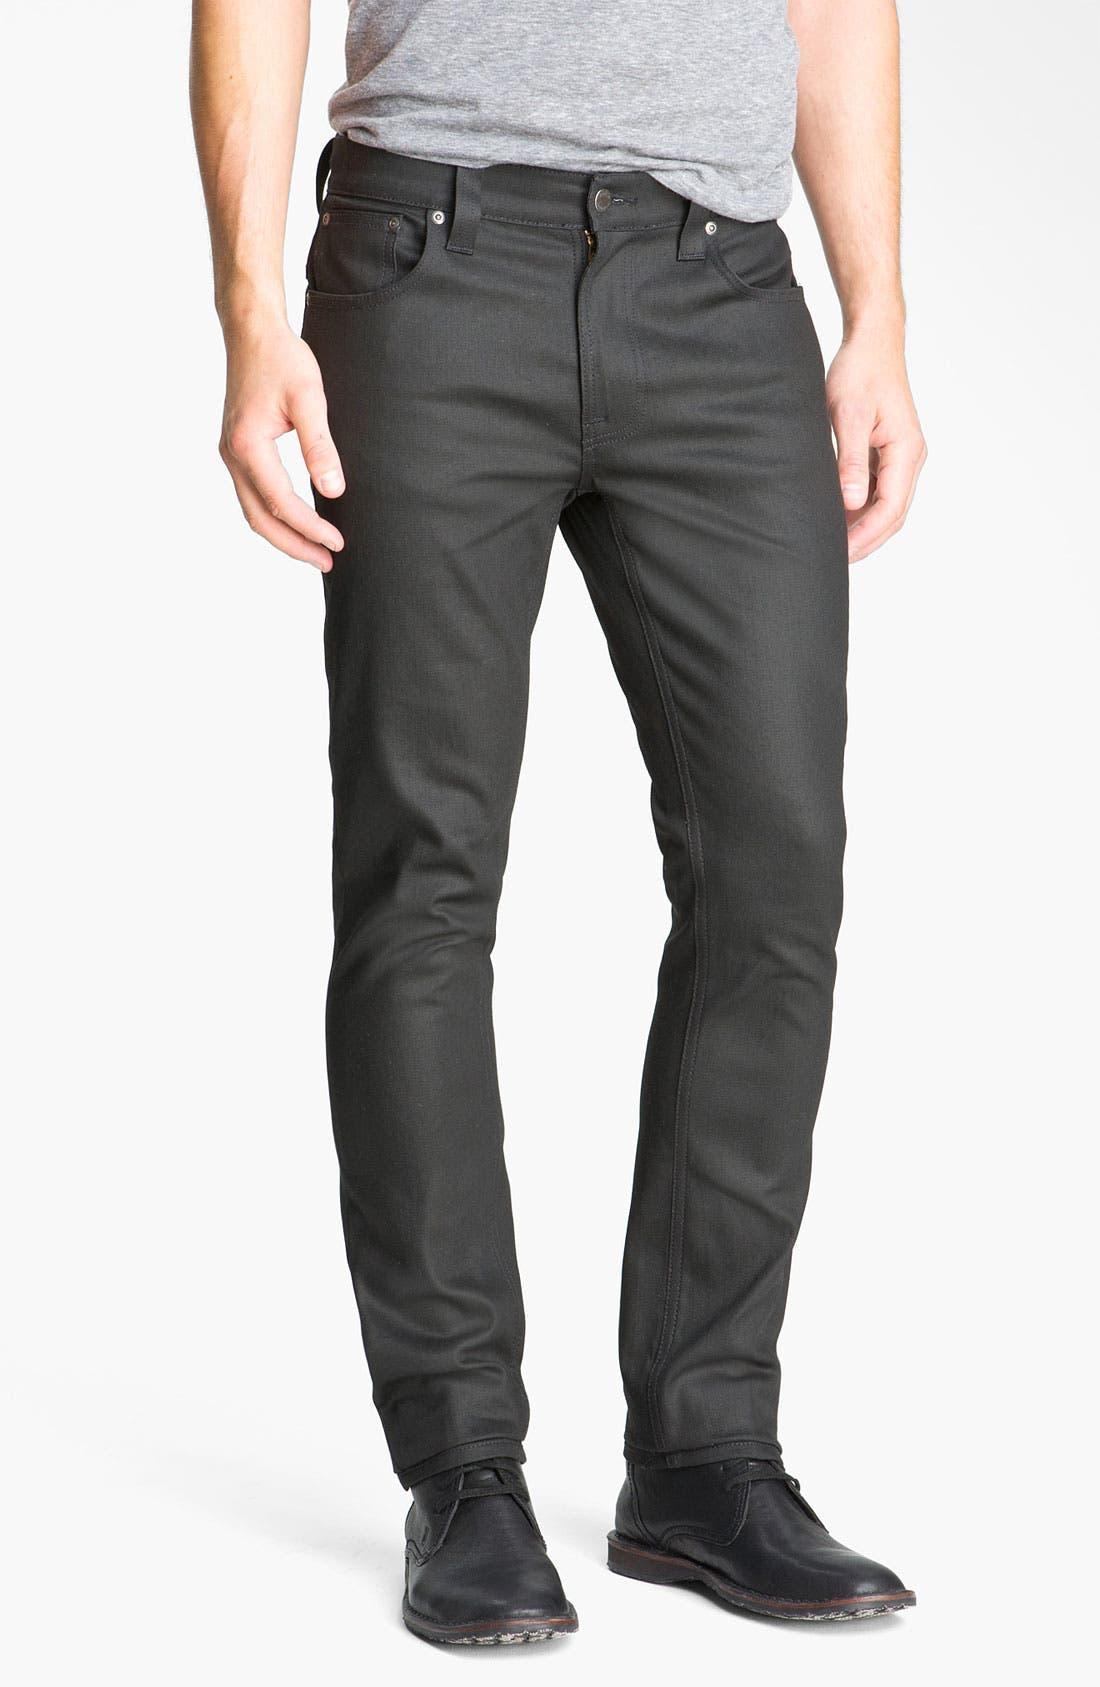 Alternate Image 2  - Nudie 'Thin Finn' Skinny Jeans (Dry Black)